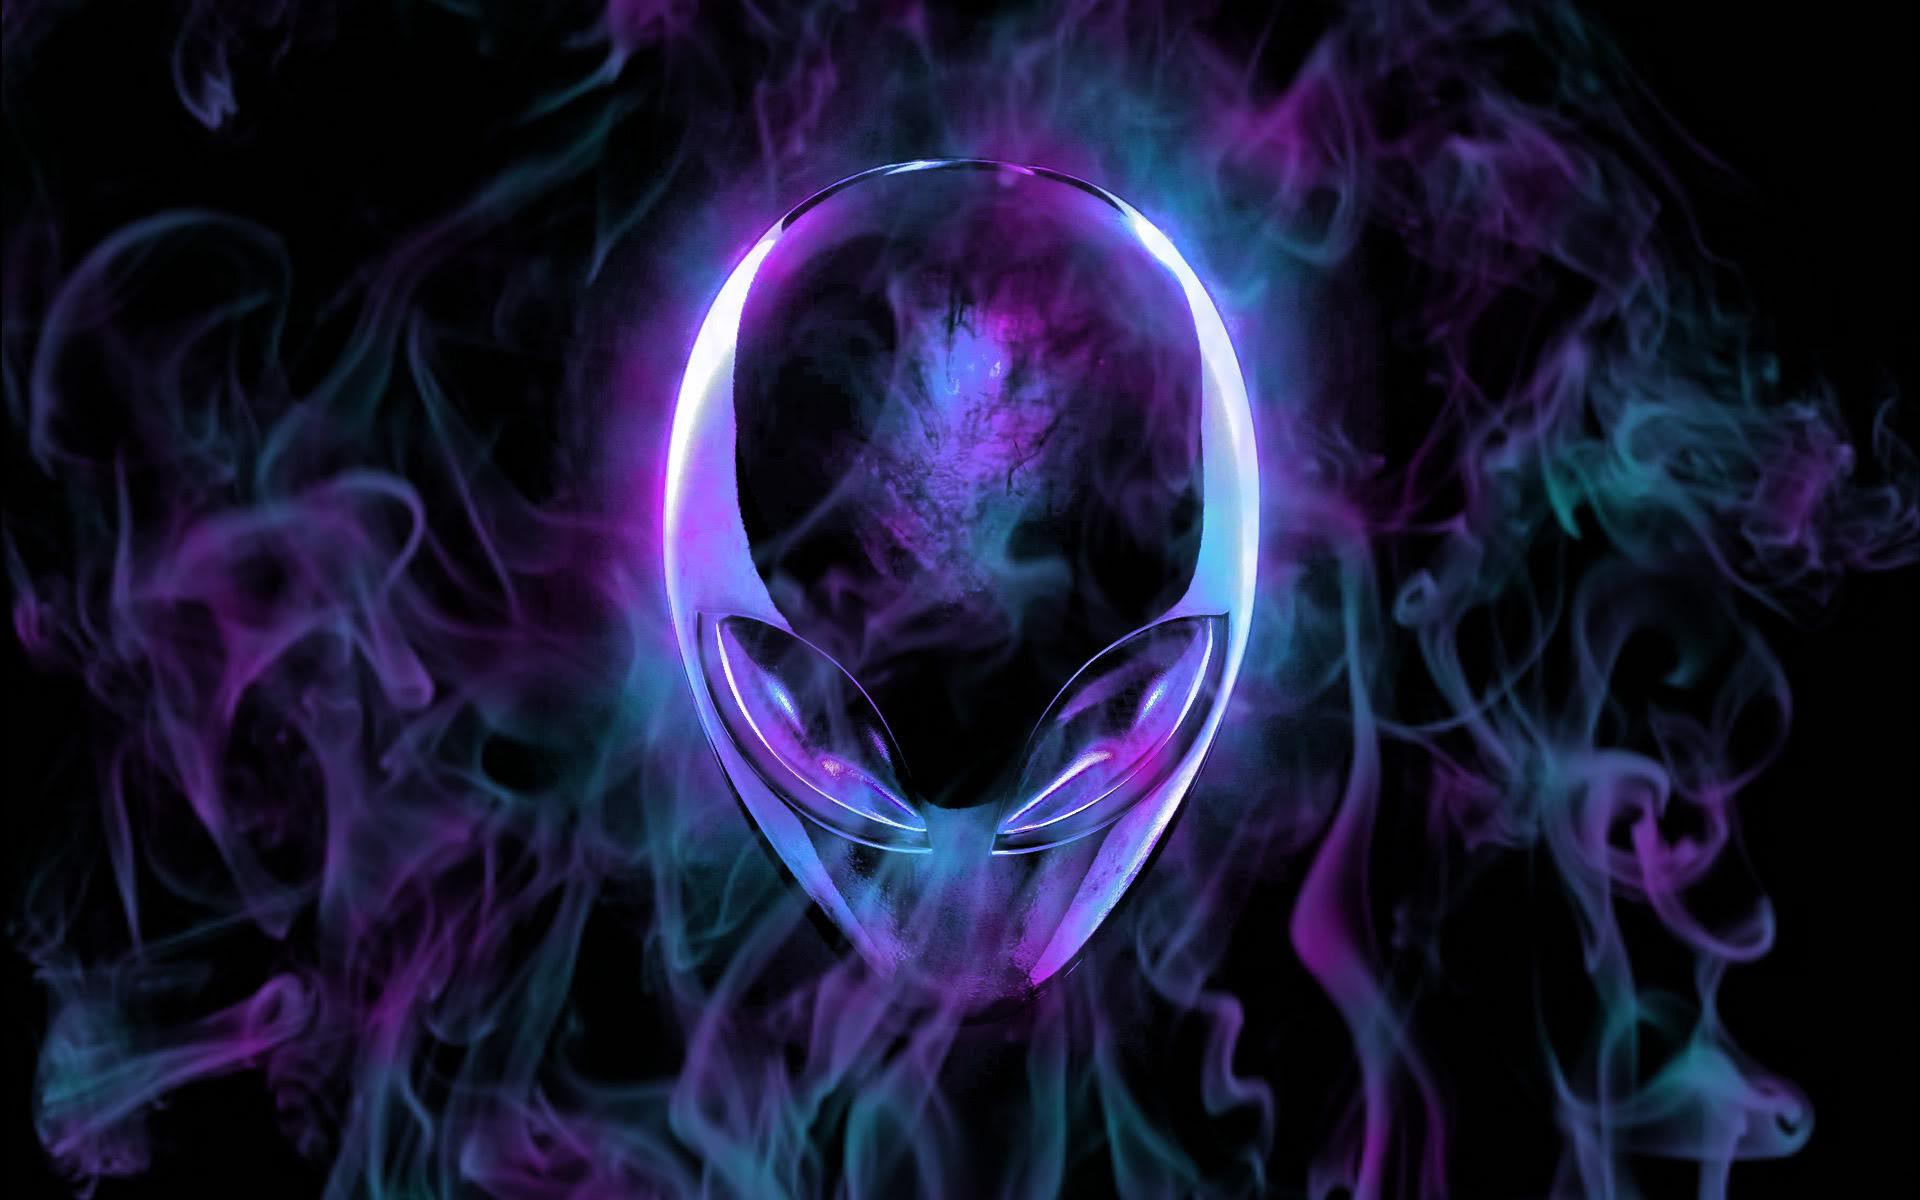 Purple Wallpaper For Phones: Alienware Desktop Background Purple Flames 1920x1200